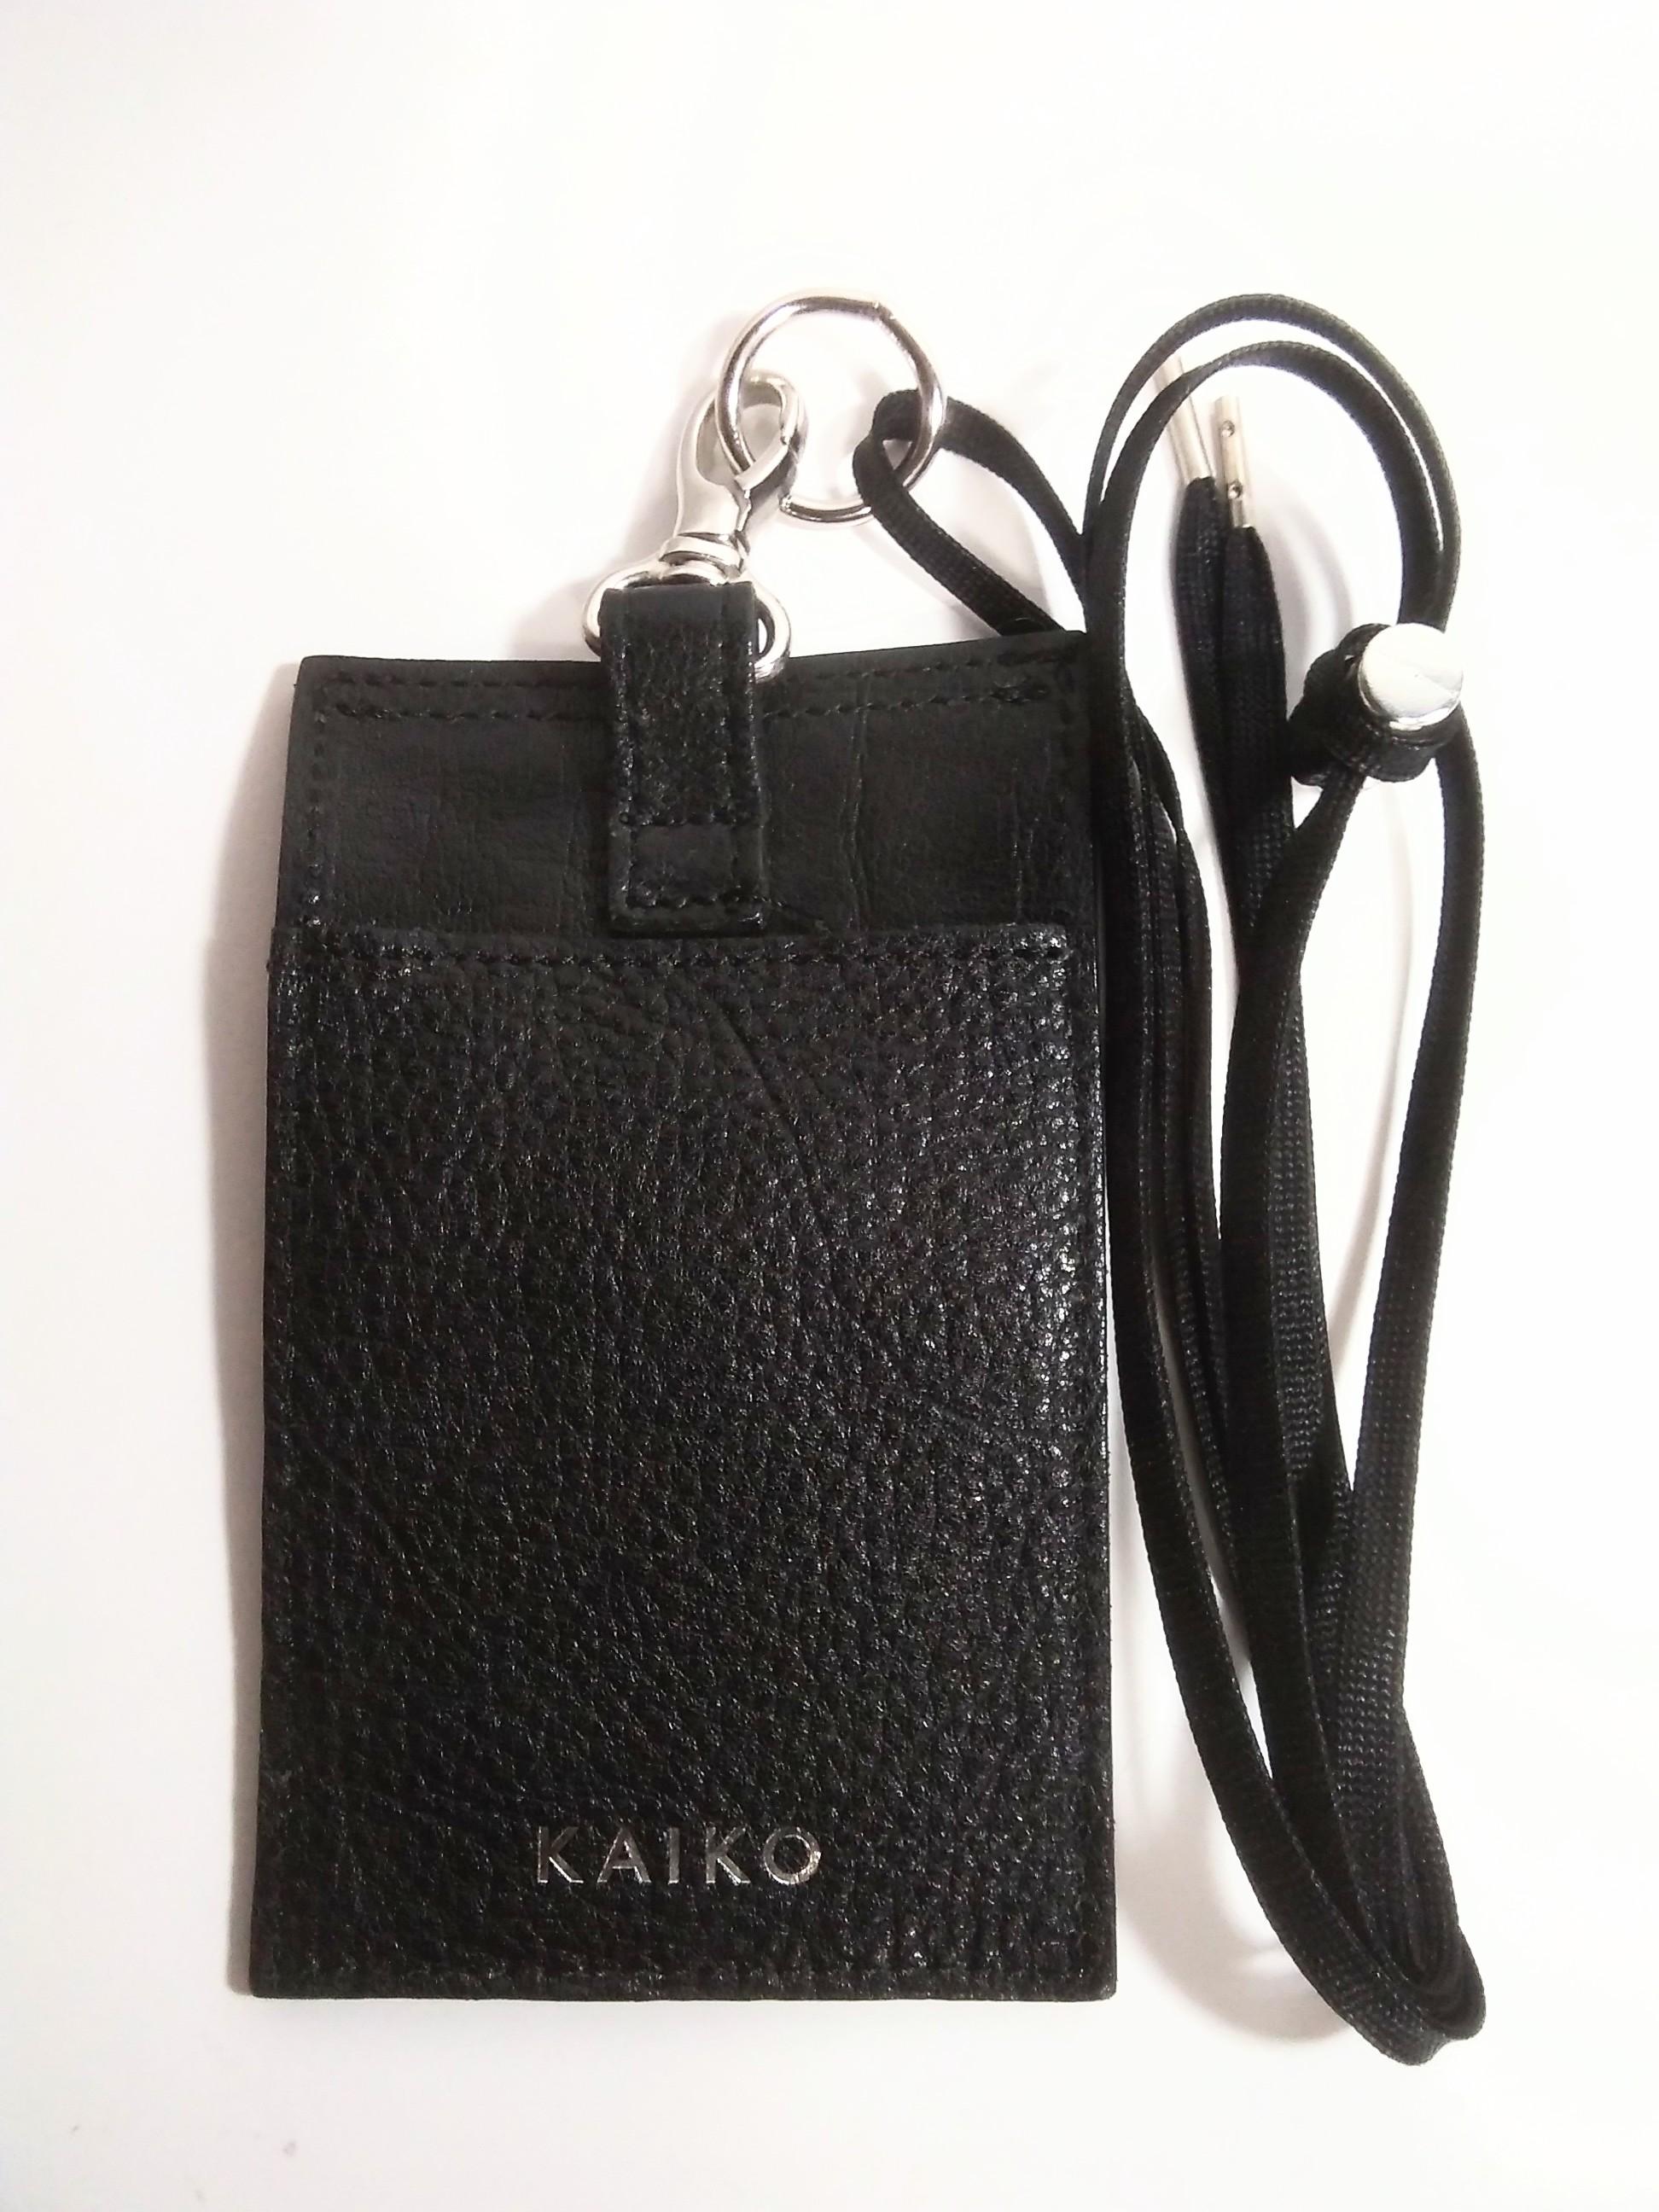 【KAIKO】ネックバッグ KAIKO